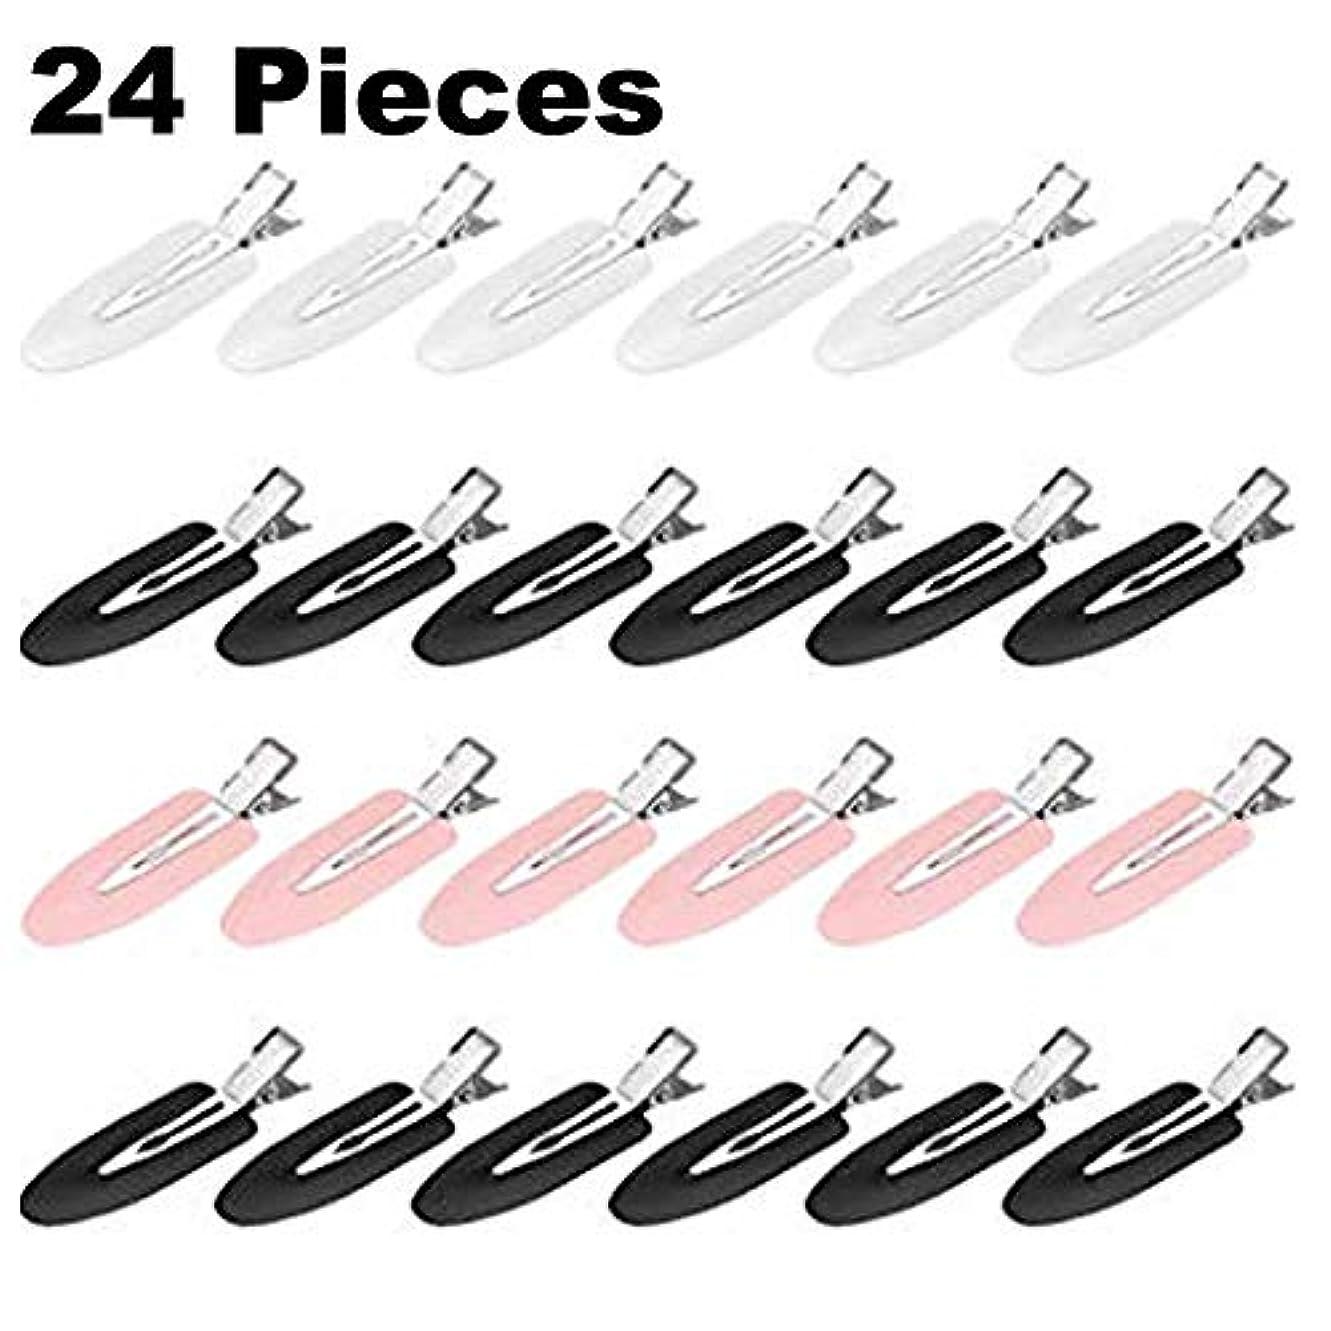 繊維影響人に関する限り跡が付かない前髪クリップ ホワイト&ピンク(24個入り)